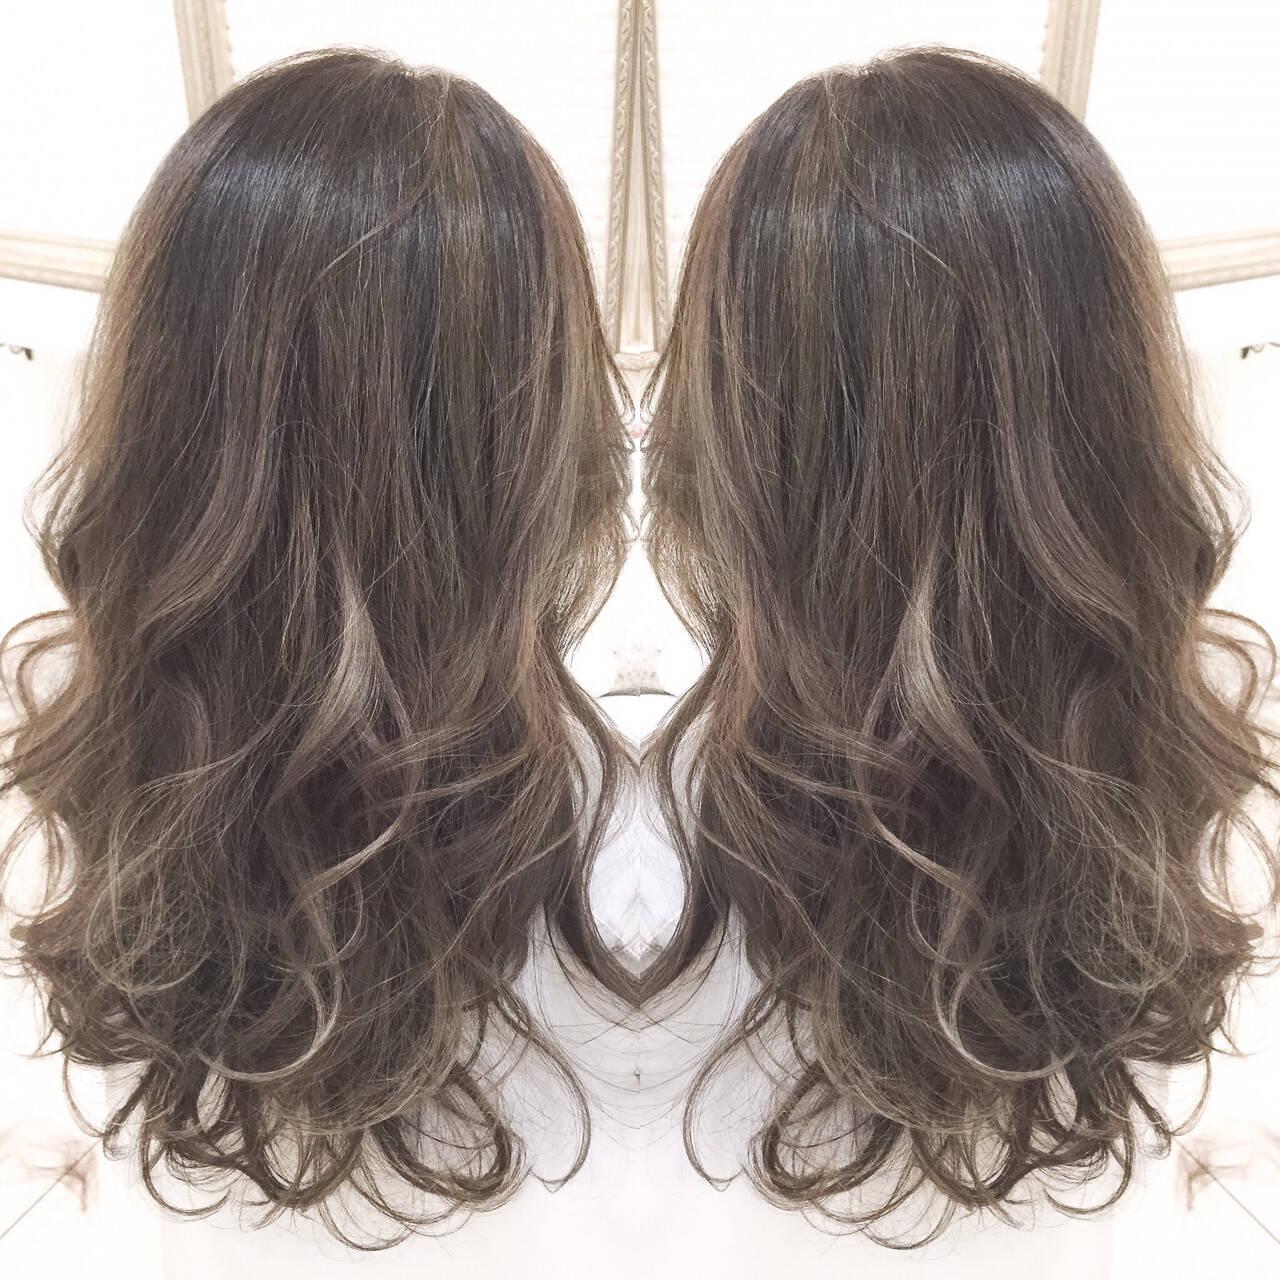 コンサバ 艶髪 外国人風 ハイライトヘアスタイルや髪型の写真・画像